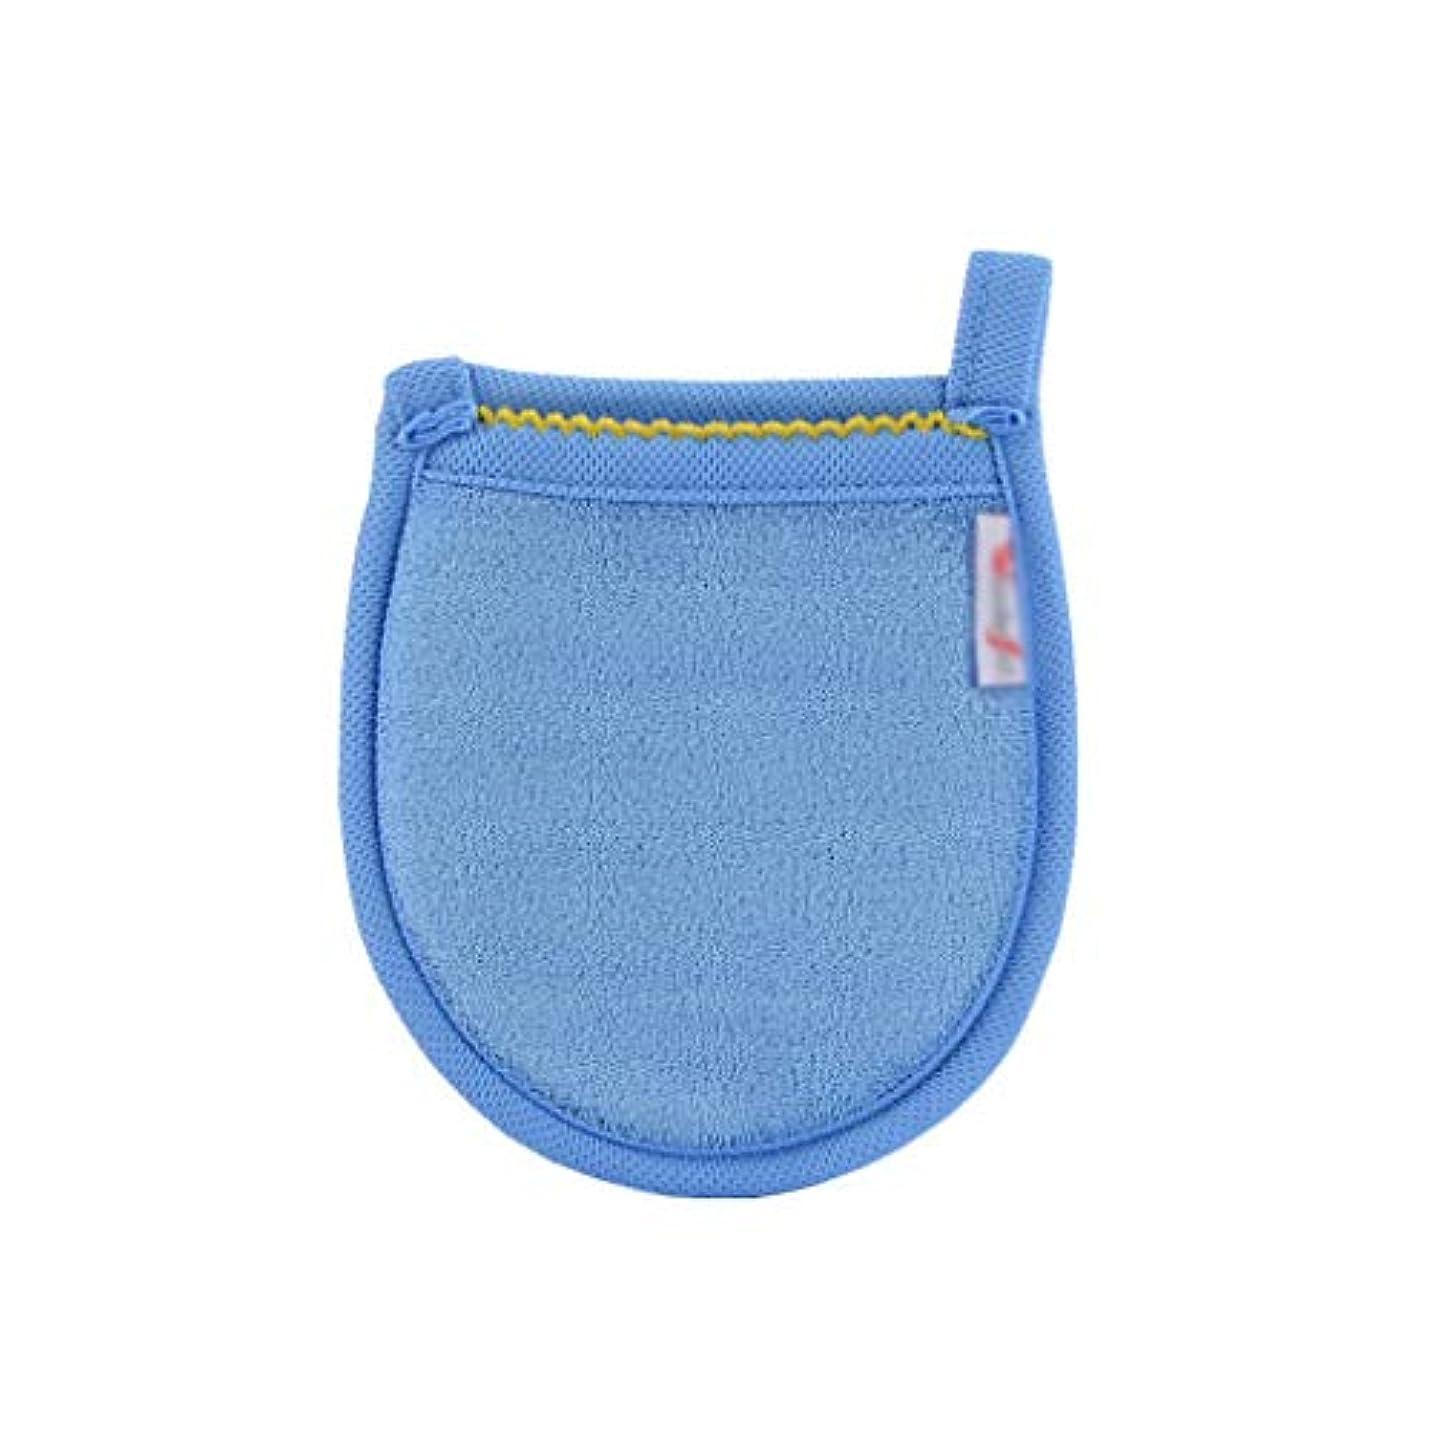 モンスター称賛スラッシュクレンジングシート 1ピースフェイスタオルメイクアップ - リムーバークレンジンググローブ再利用可能なマイクロファイバー女性フェイシャルクロス5色 落ち水クレンジング シート モイスト (Color : Blue)